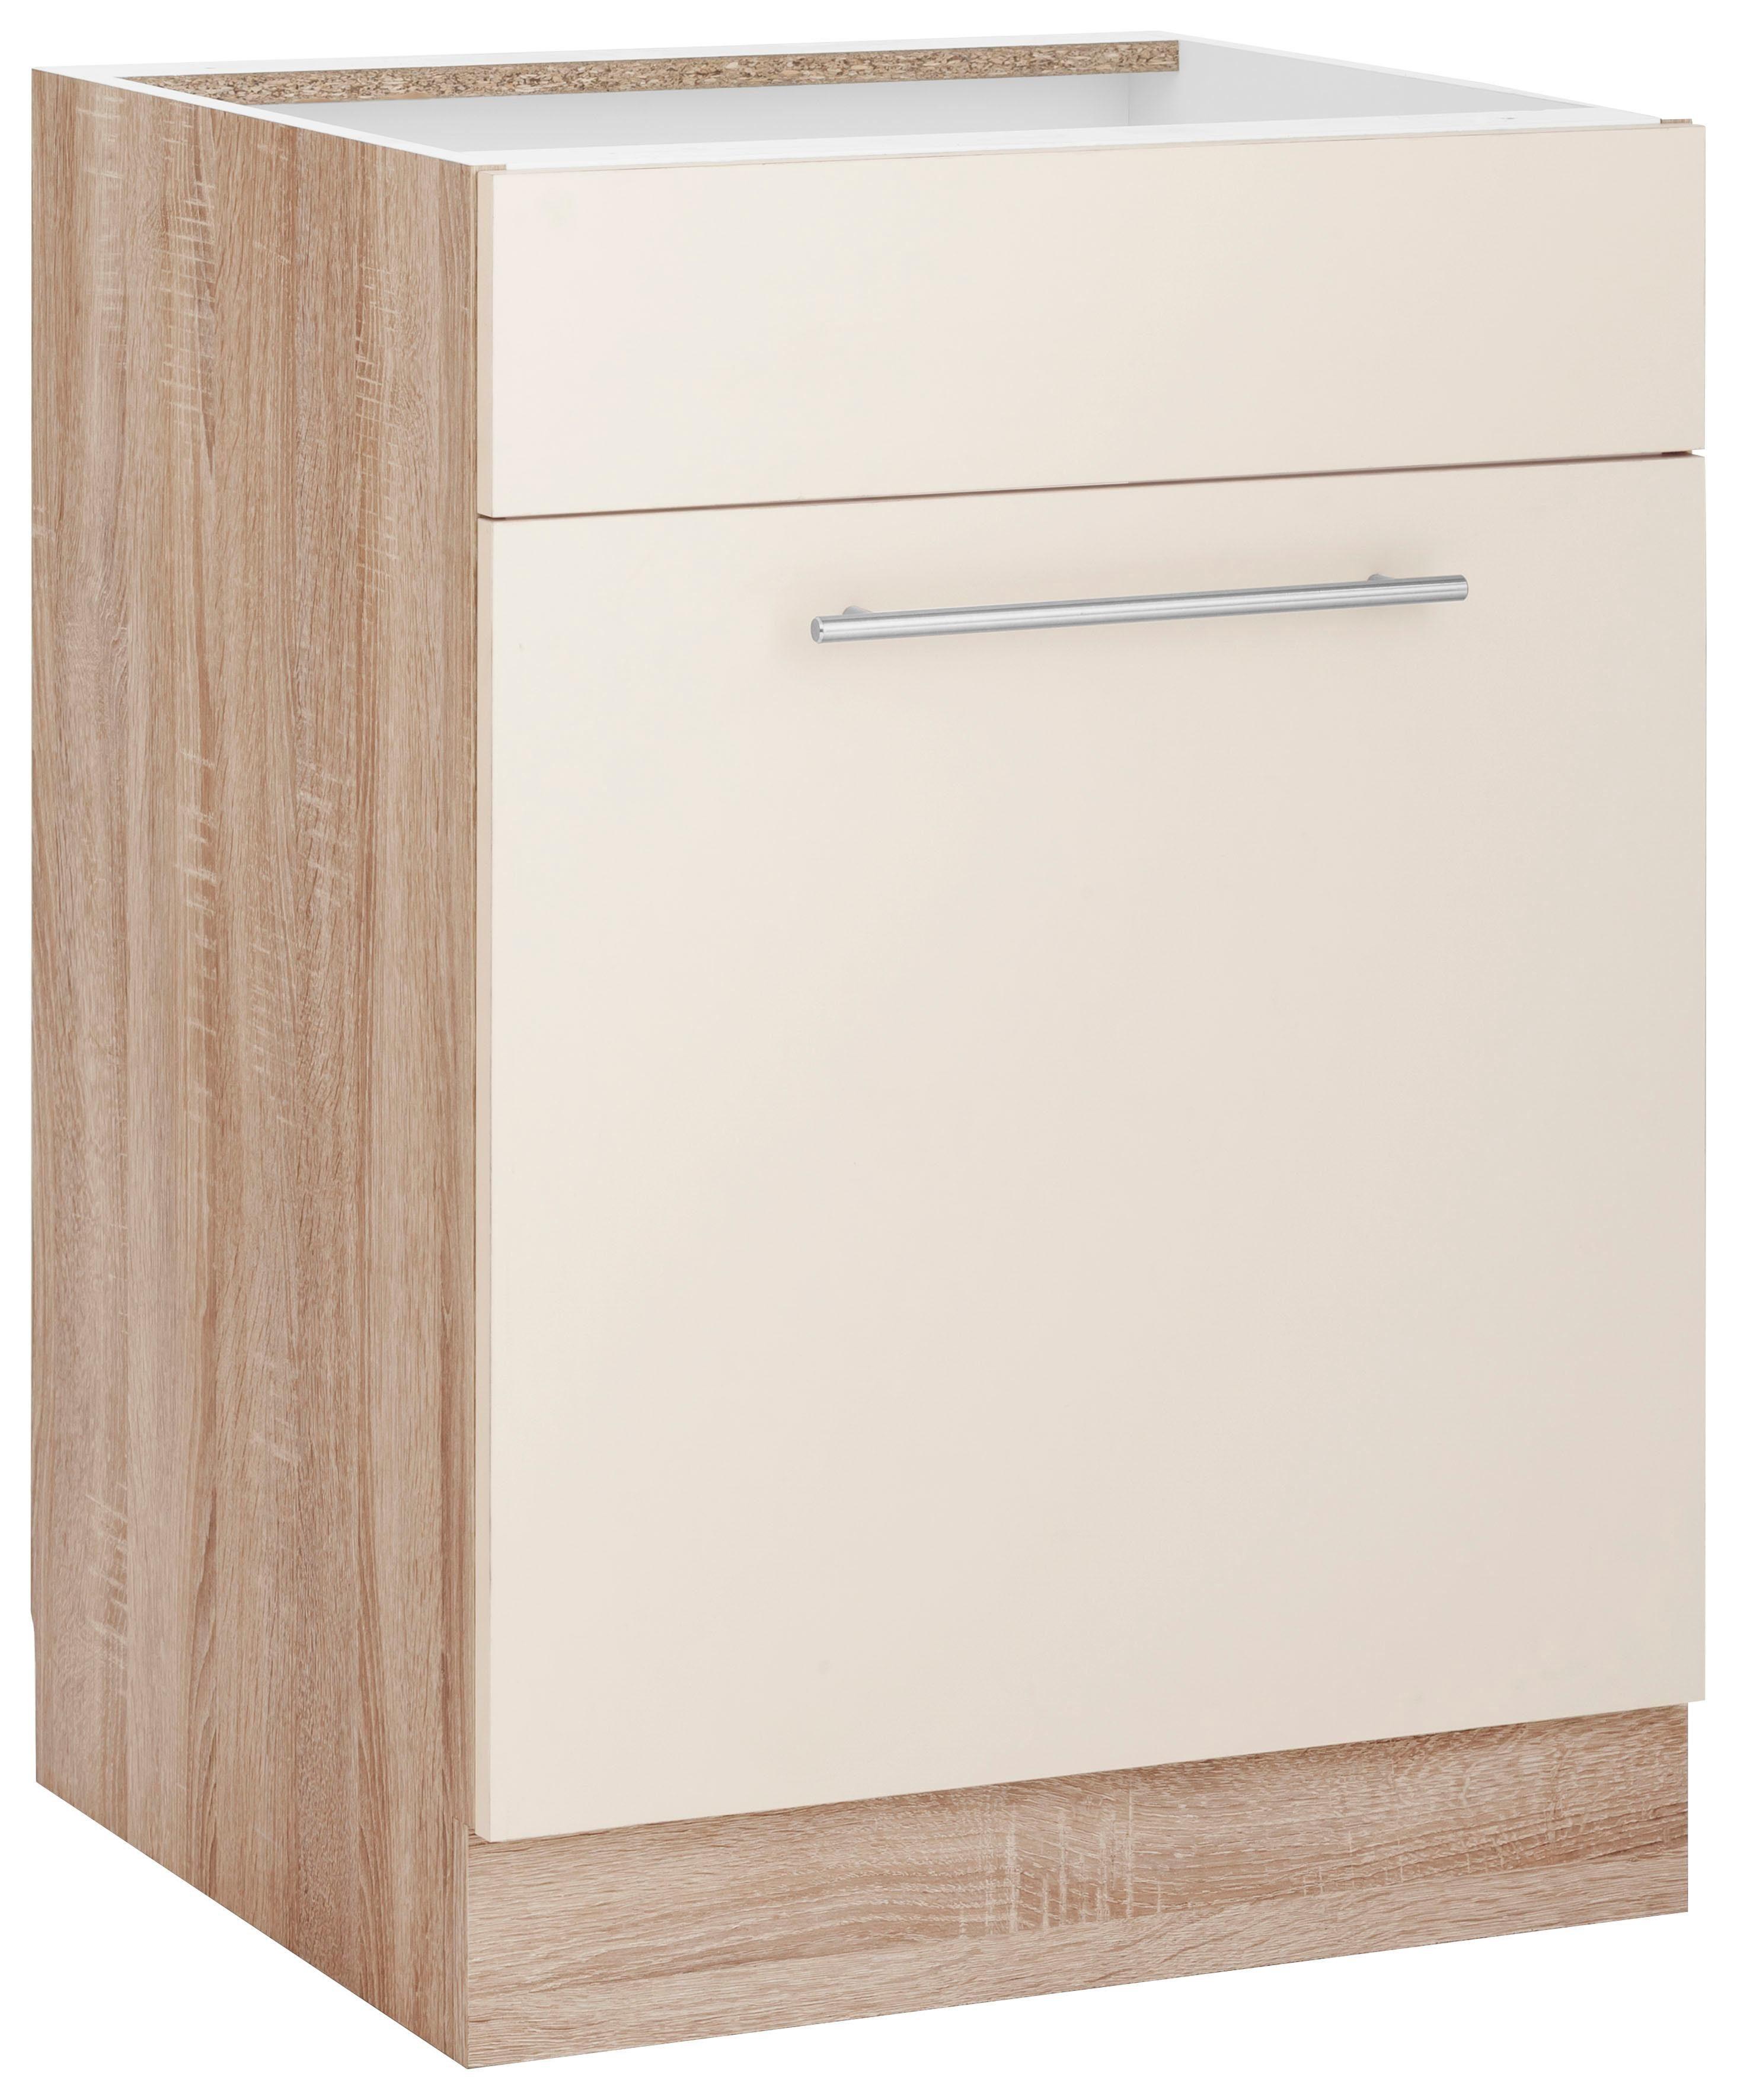 WIHO-Küchen Spülenschrank »Flexi2«, Breite 60 cm